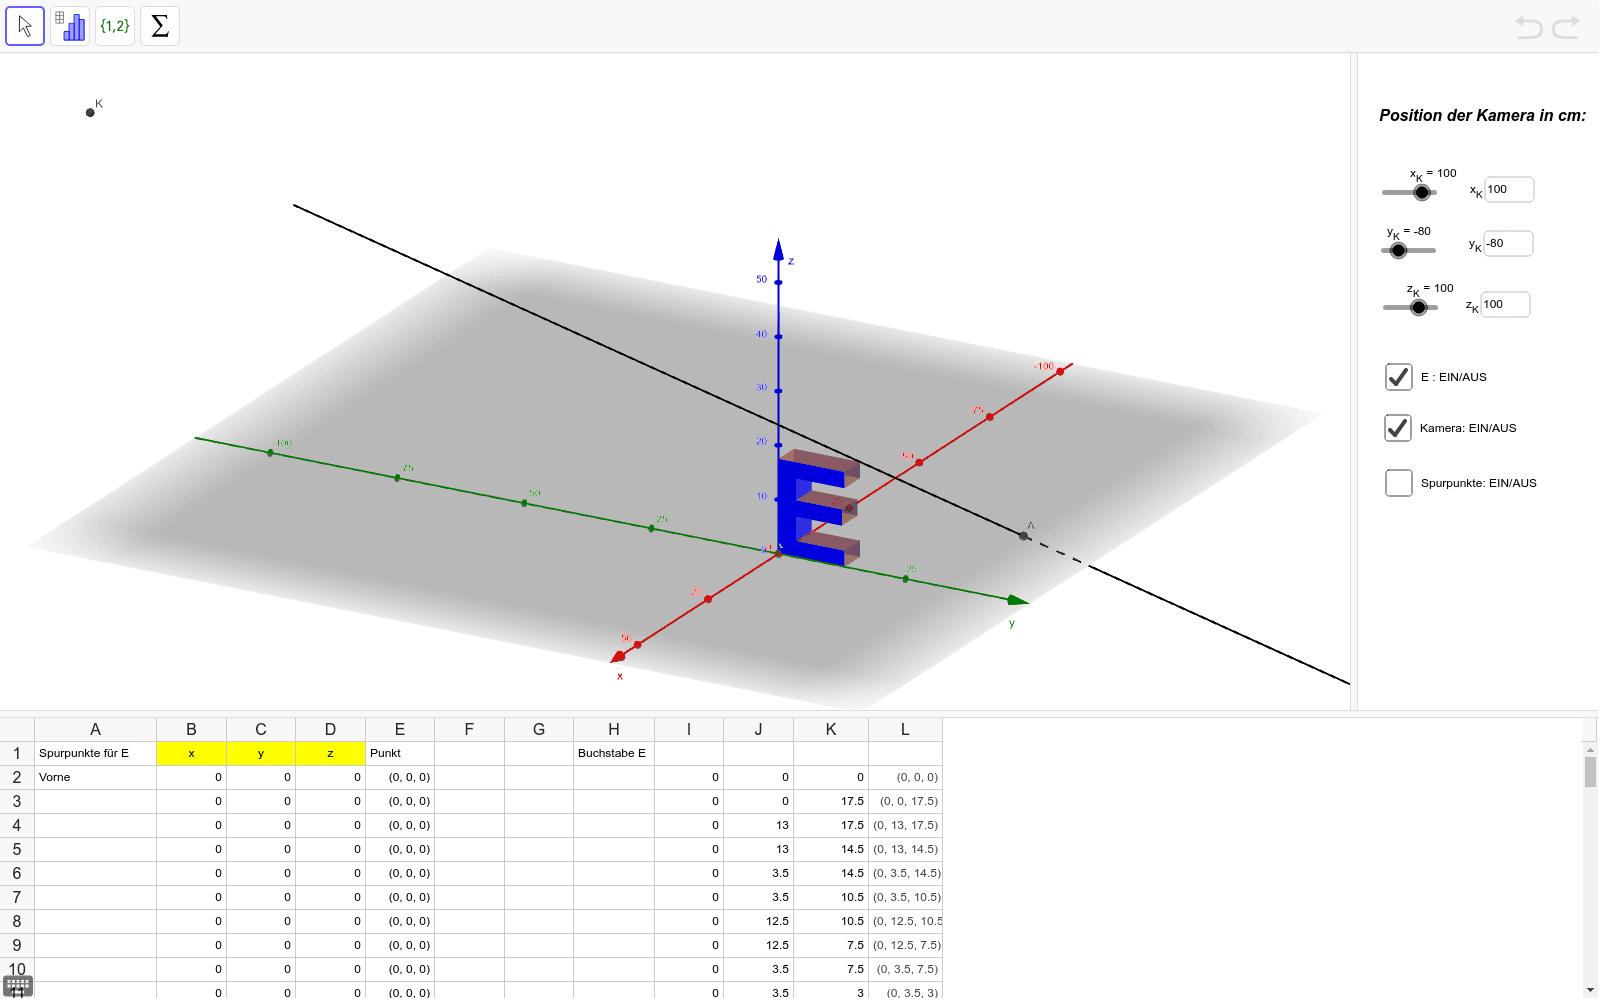 Eingabe der errechneten Spurpunkte in der Tabelle. Drücke die Eingabetaste um die Aktivität zu starten